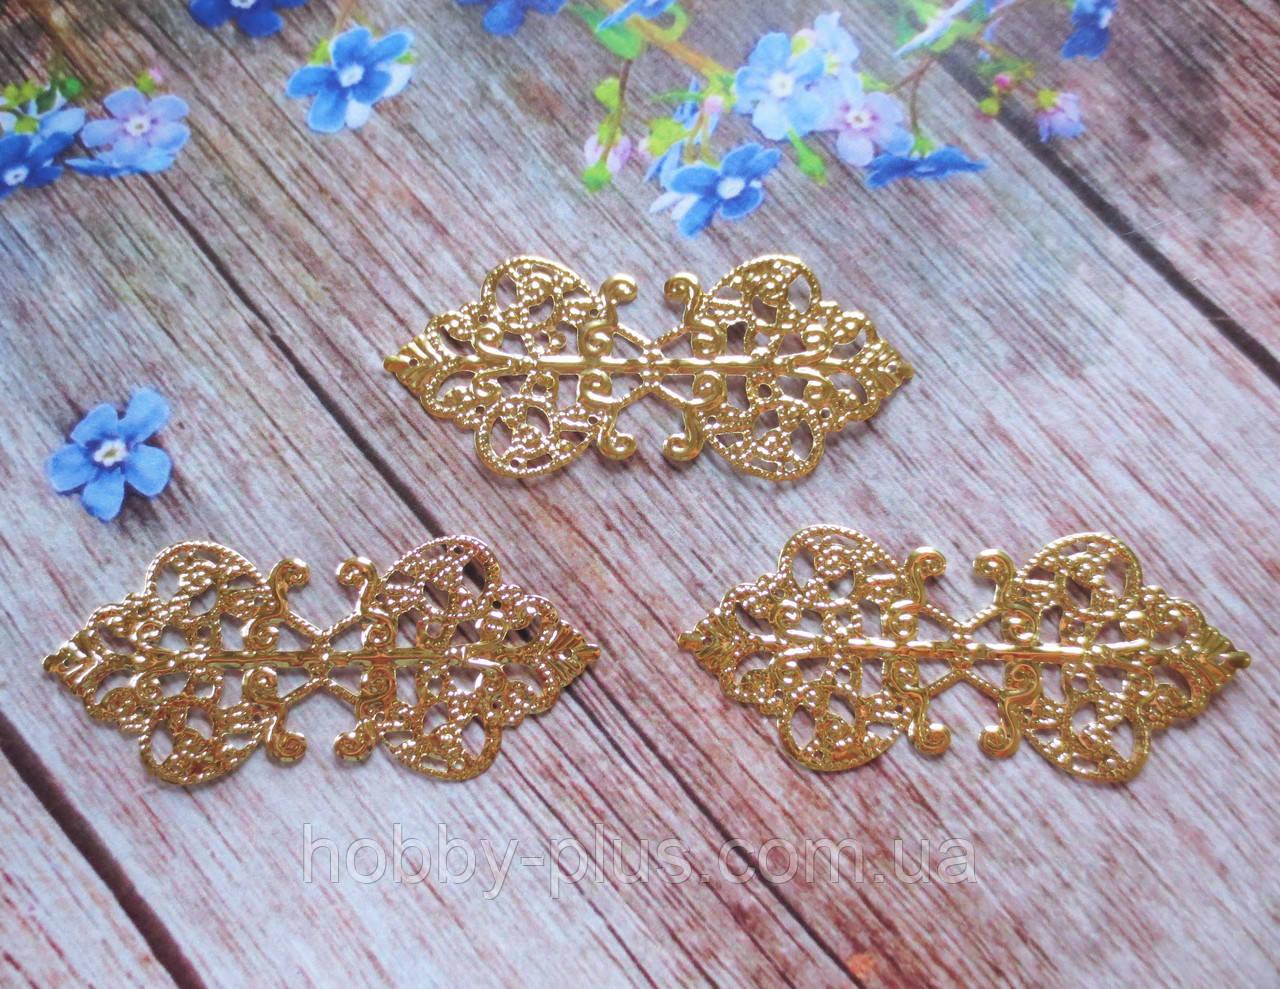 Філігрань для декору, 6,3х2,8см, колір золото, 1 шт